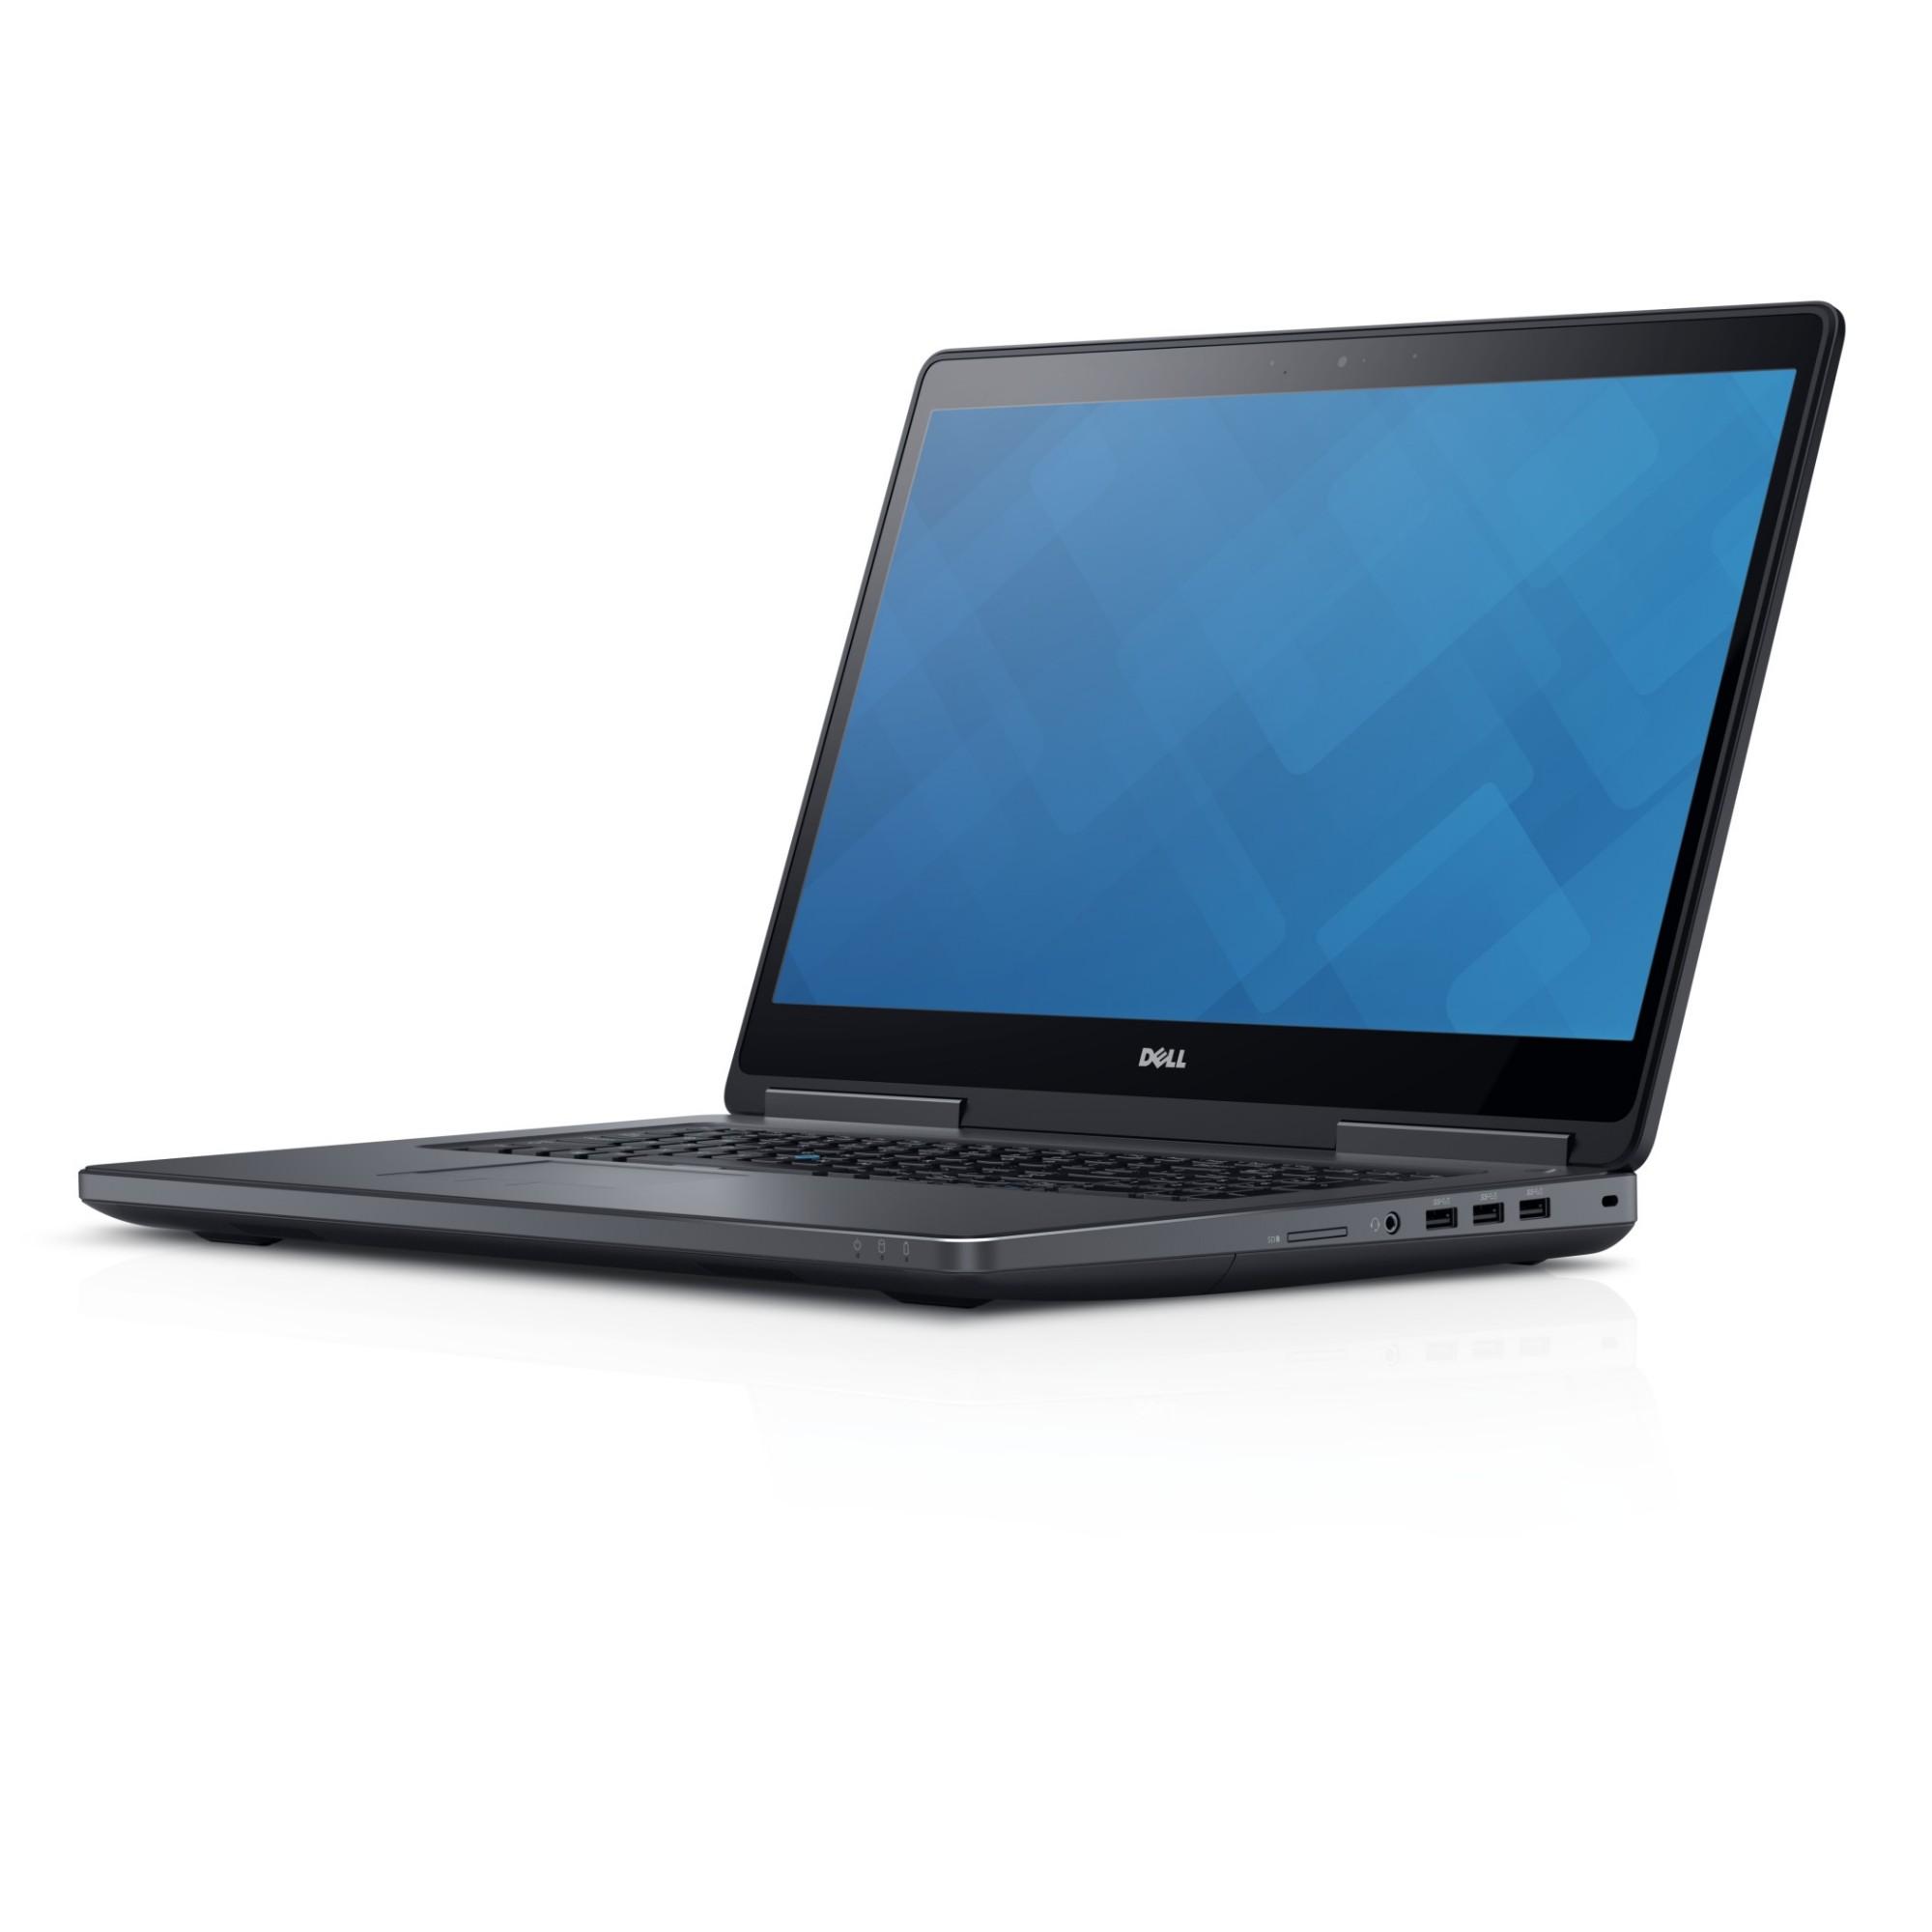 """DELL Precision M7710 2.9GHz E3-1535MV5 17.3"""" 1920 x 1080pixels Black,Graphite Mobile workstation"""